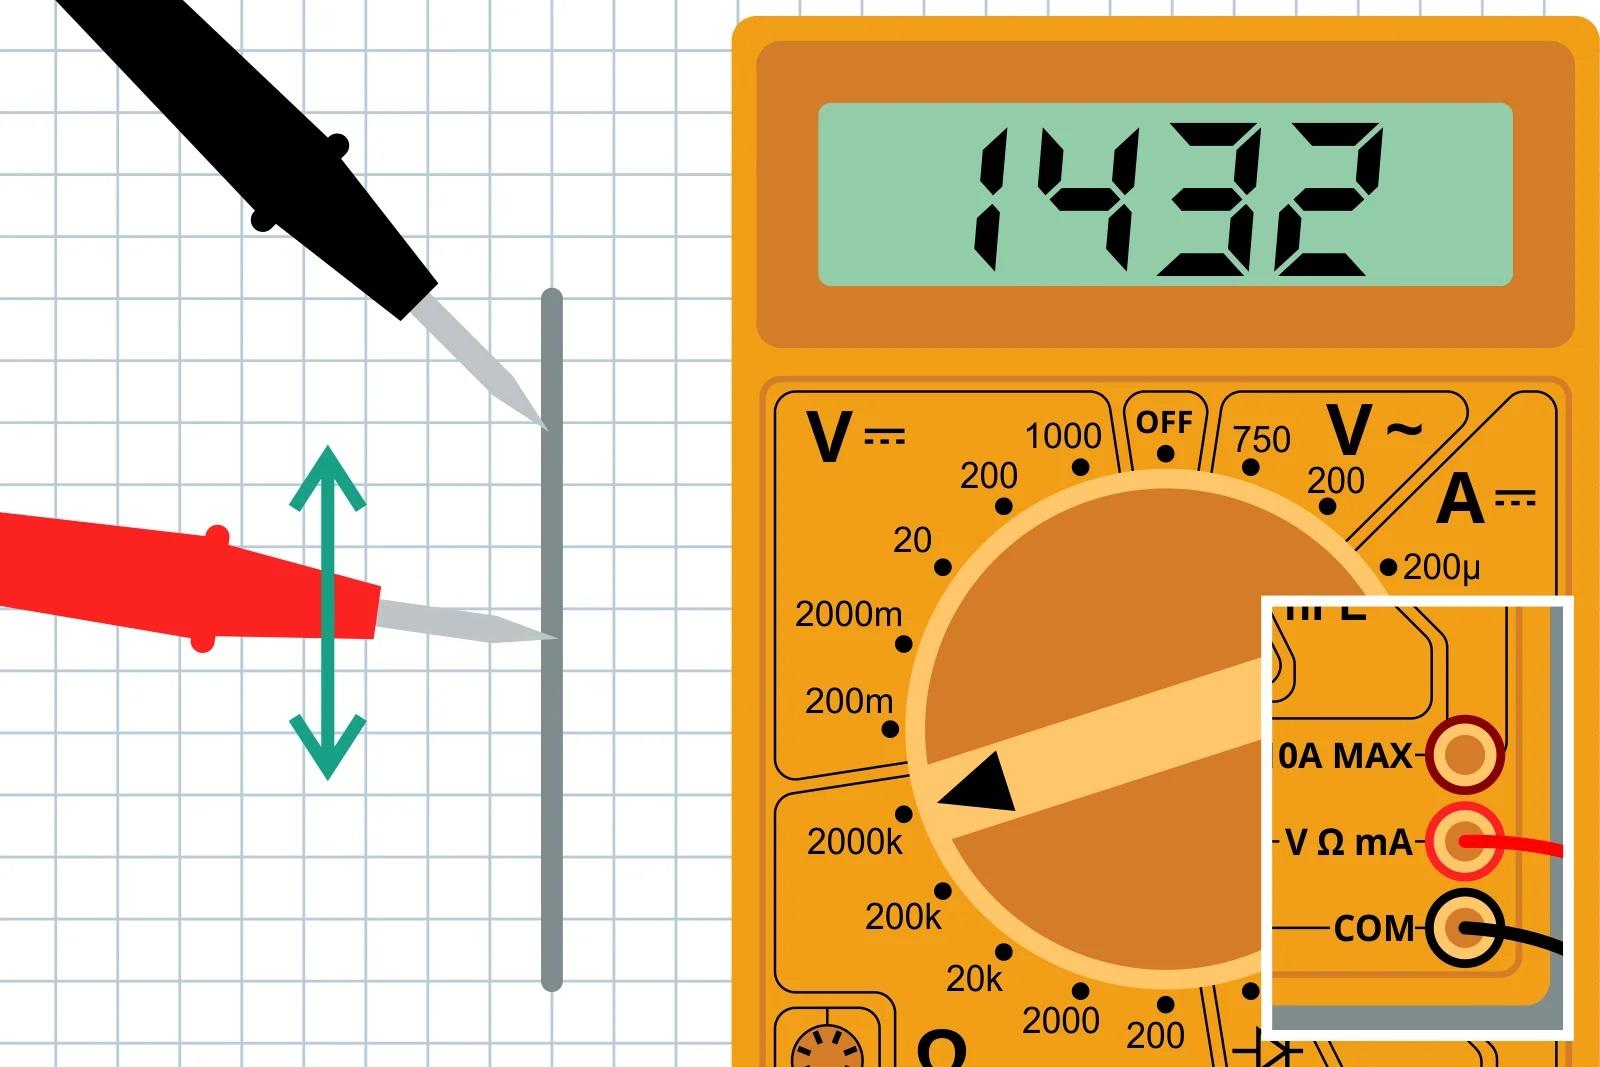 Измерение сопротивление линии, проведенной карандашом